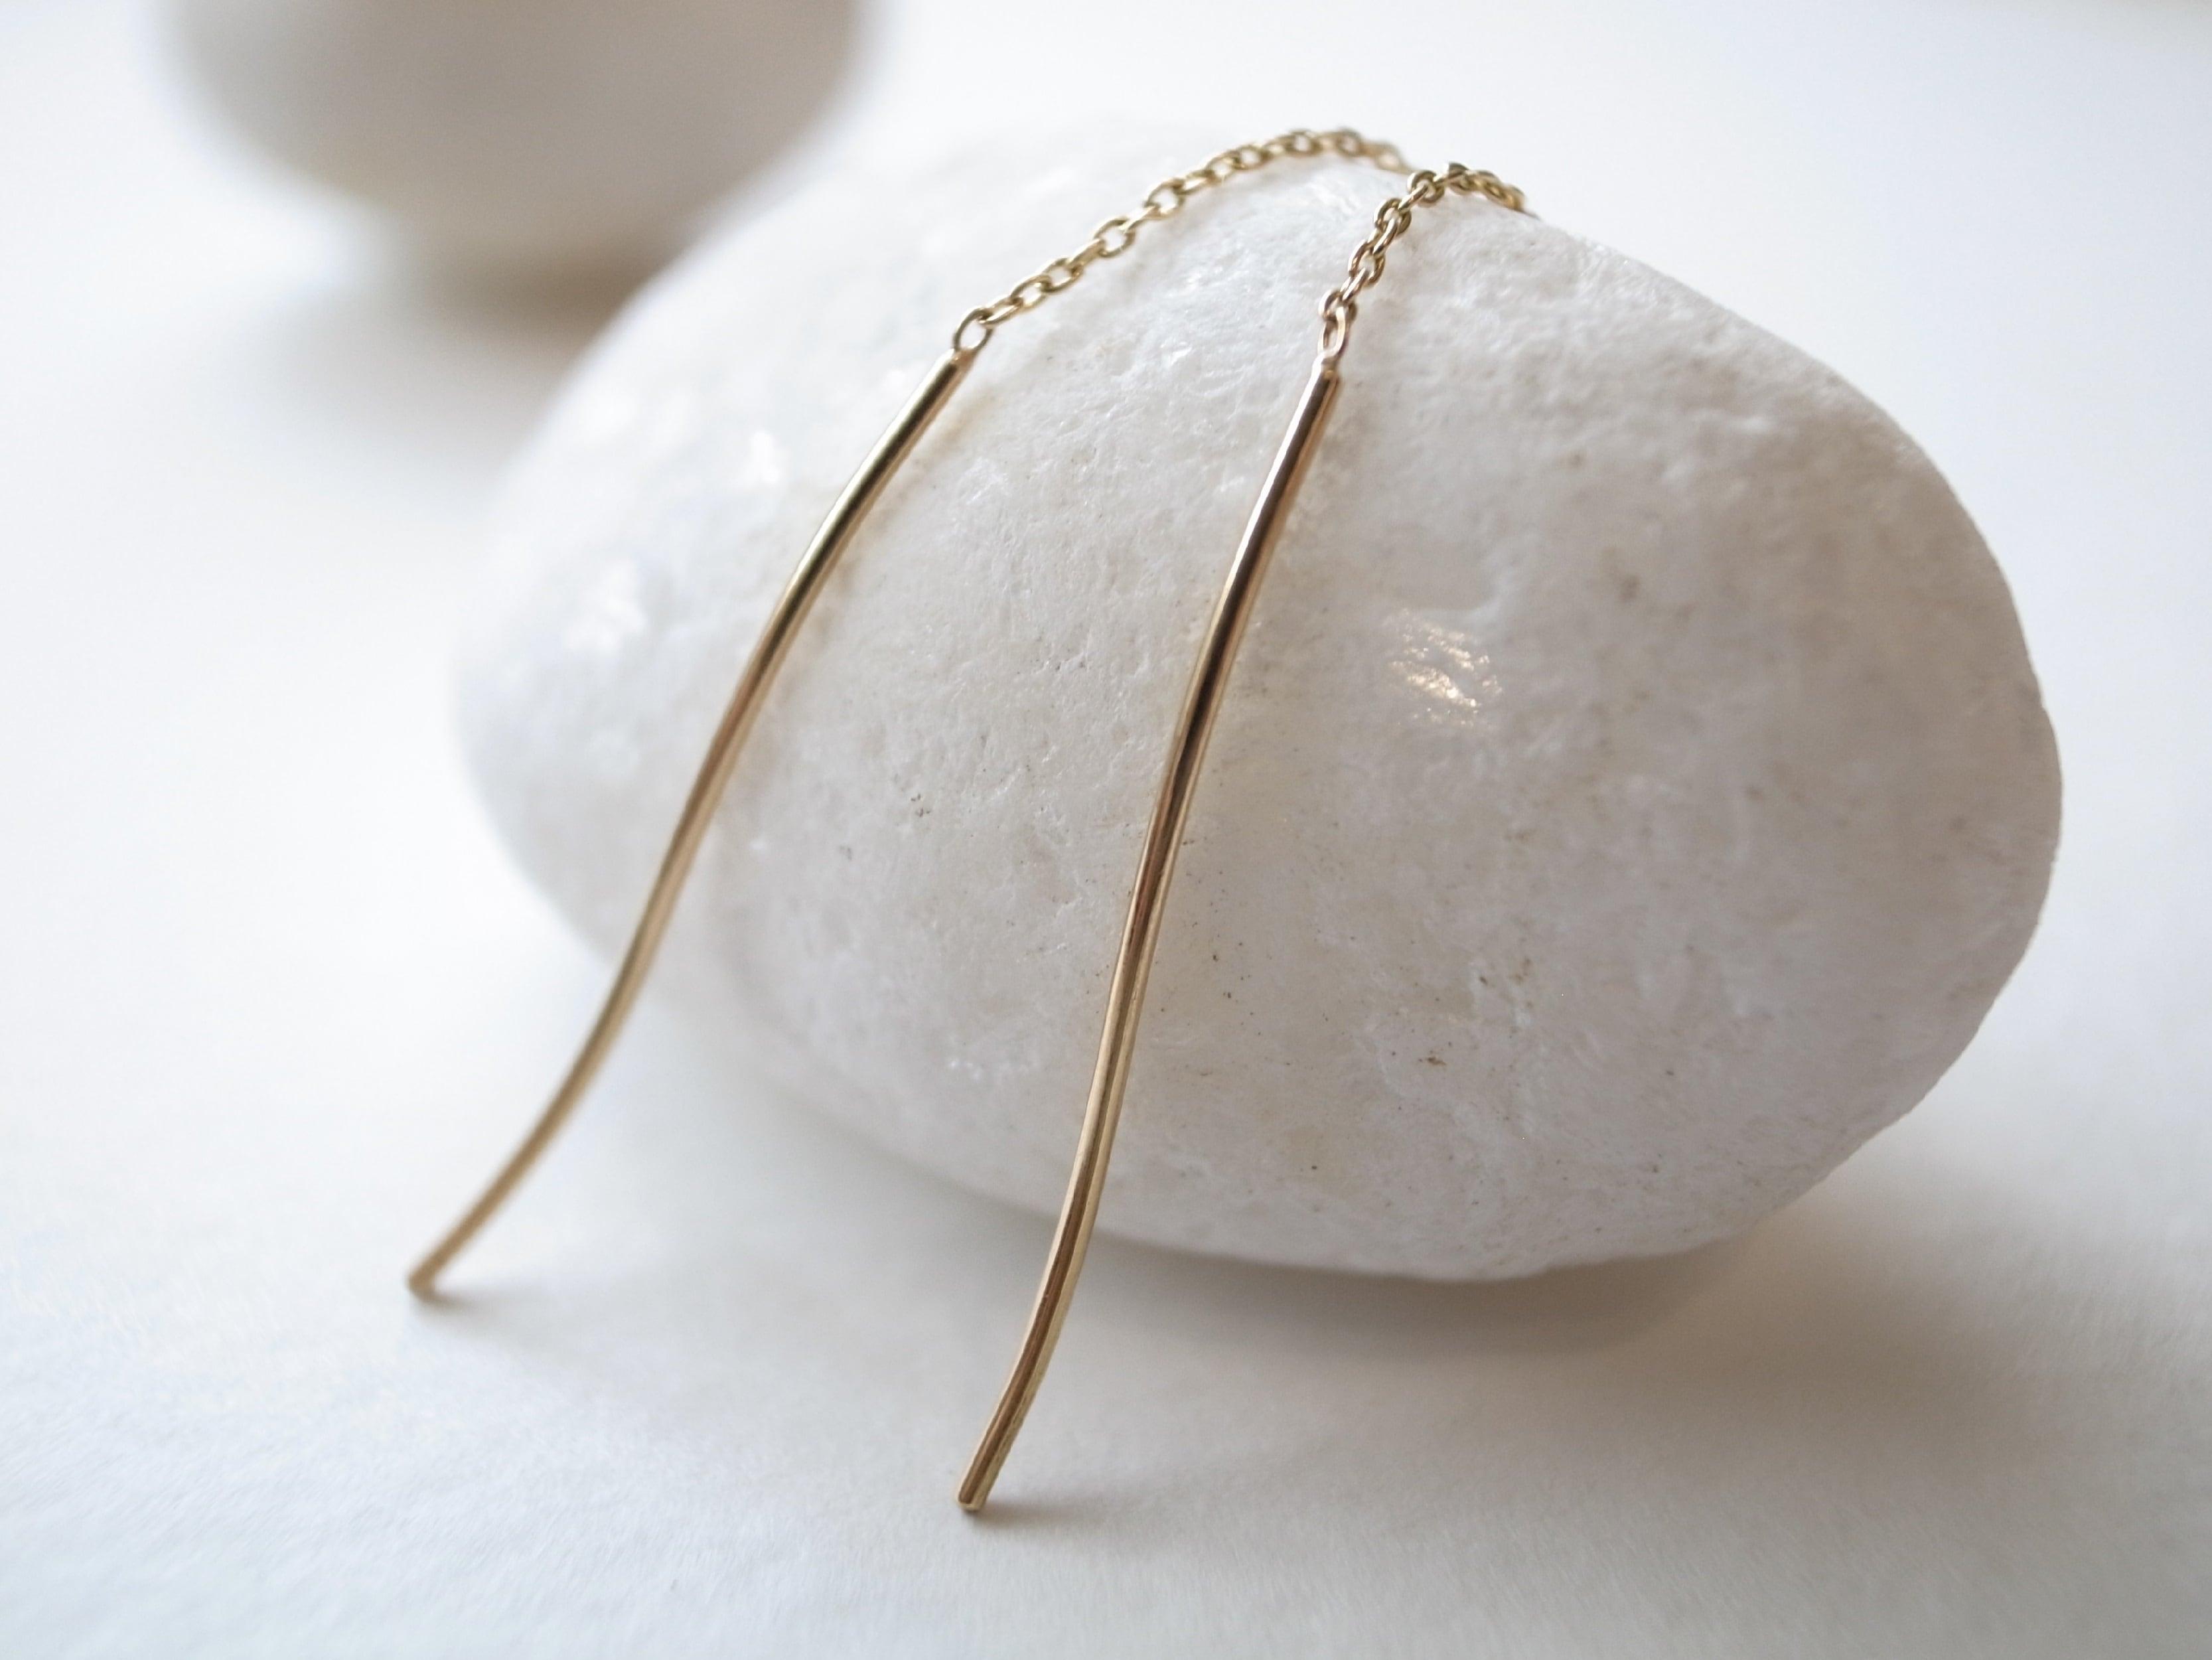 K18YG/yarn pierced earrings